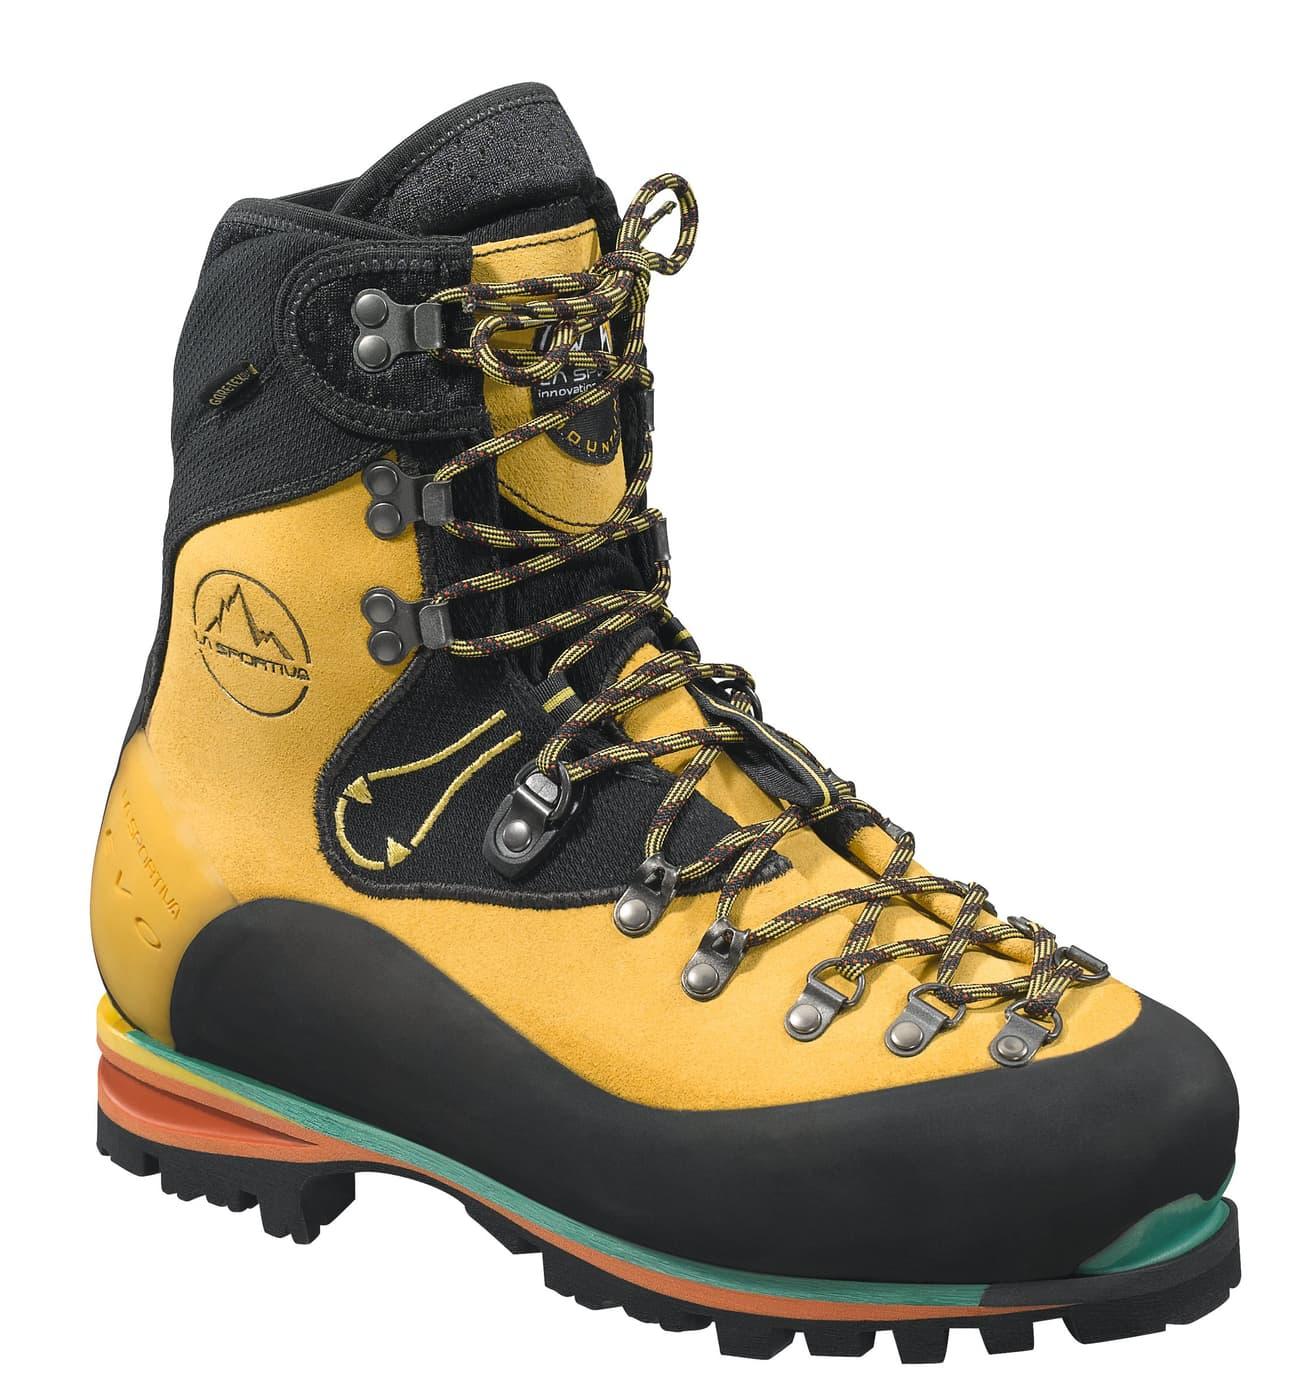 La Sportiva Nepal Evo GTX Lo scarponcino da montagna uomo  532f82e9f4f